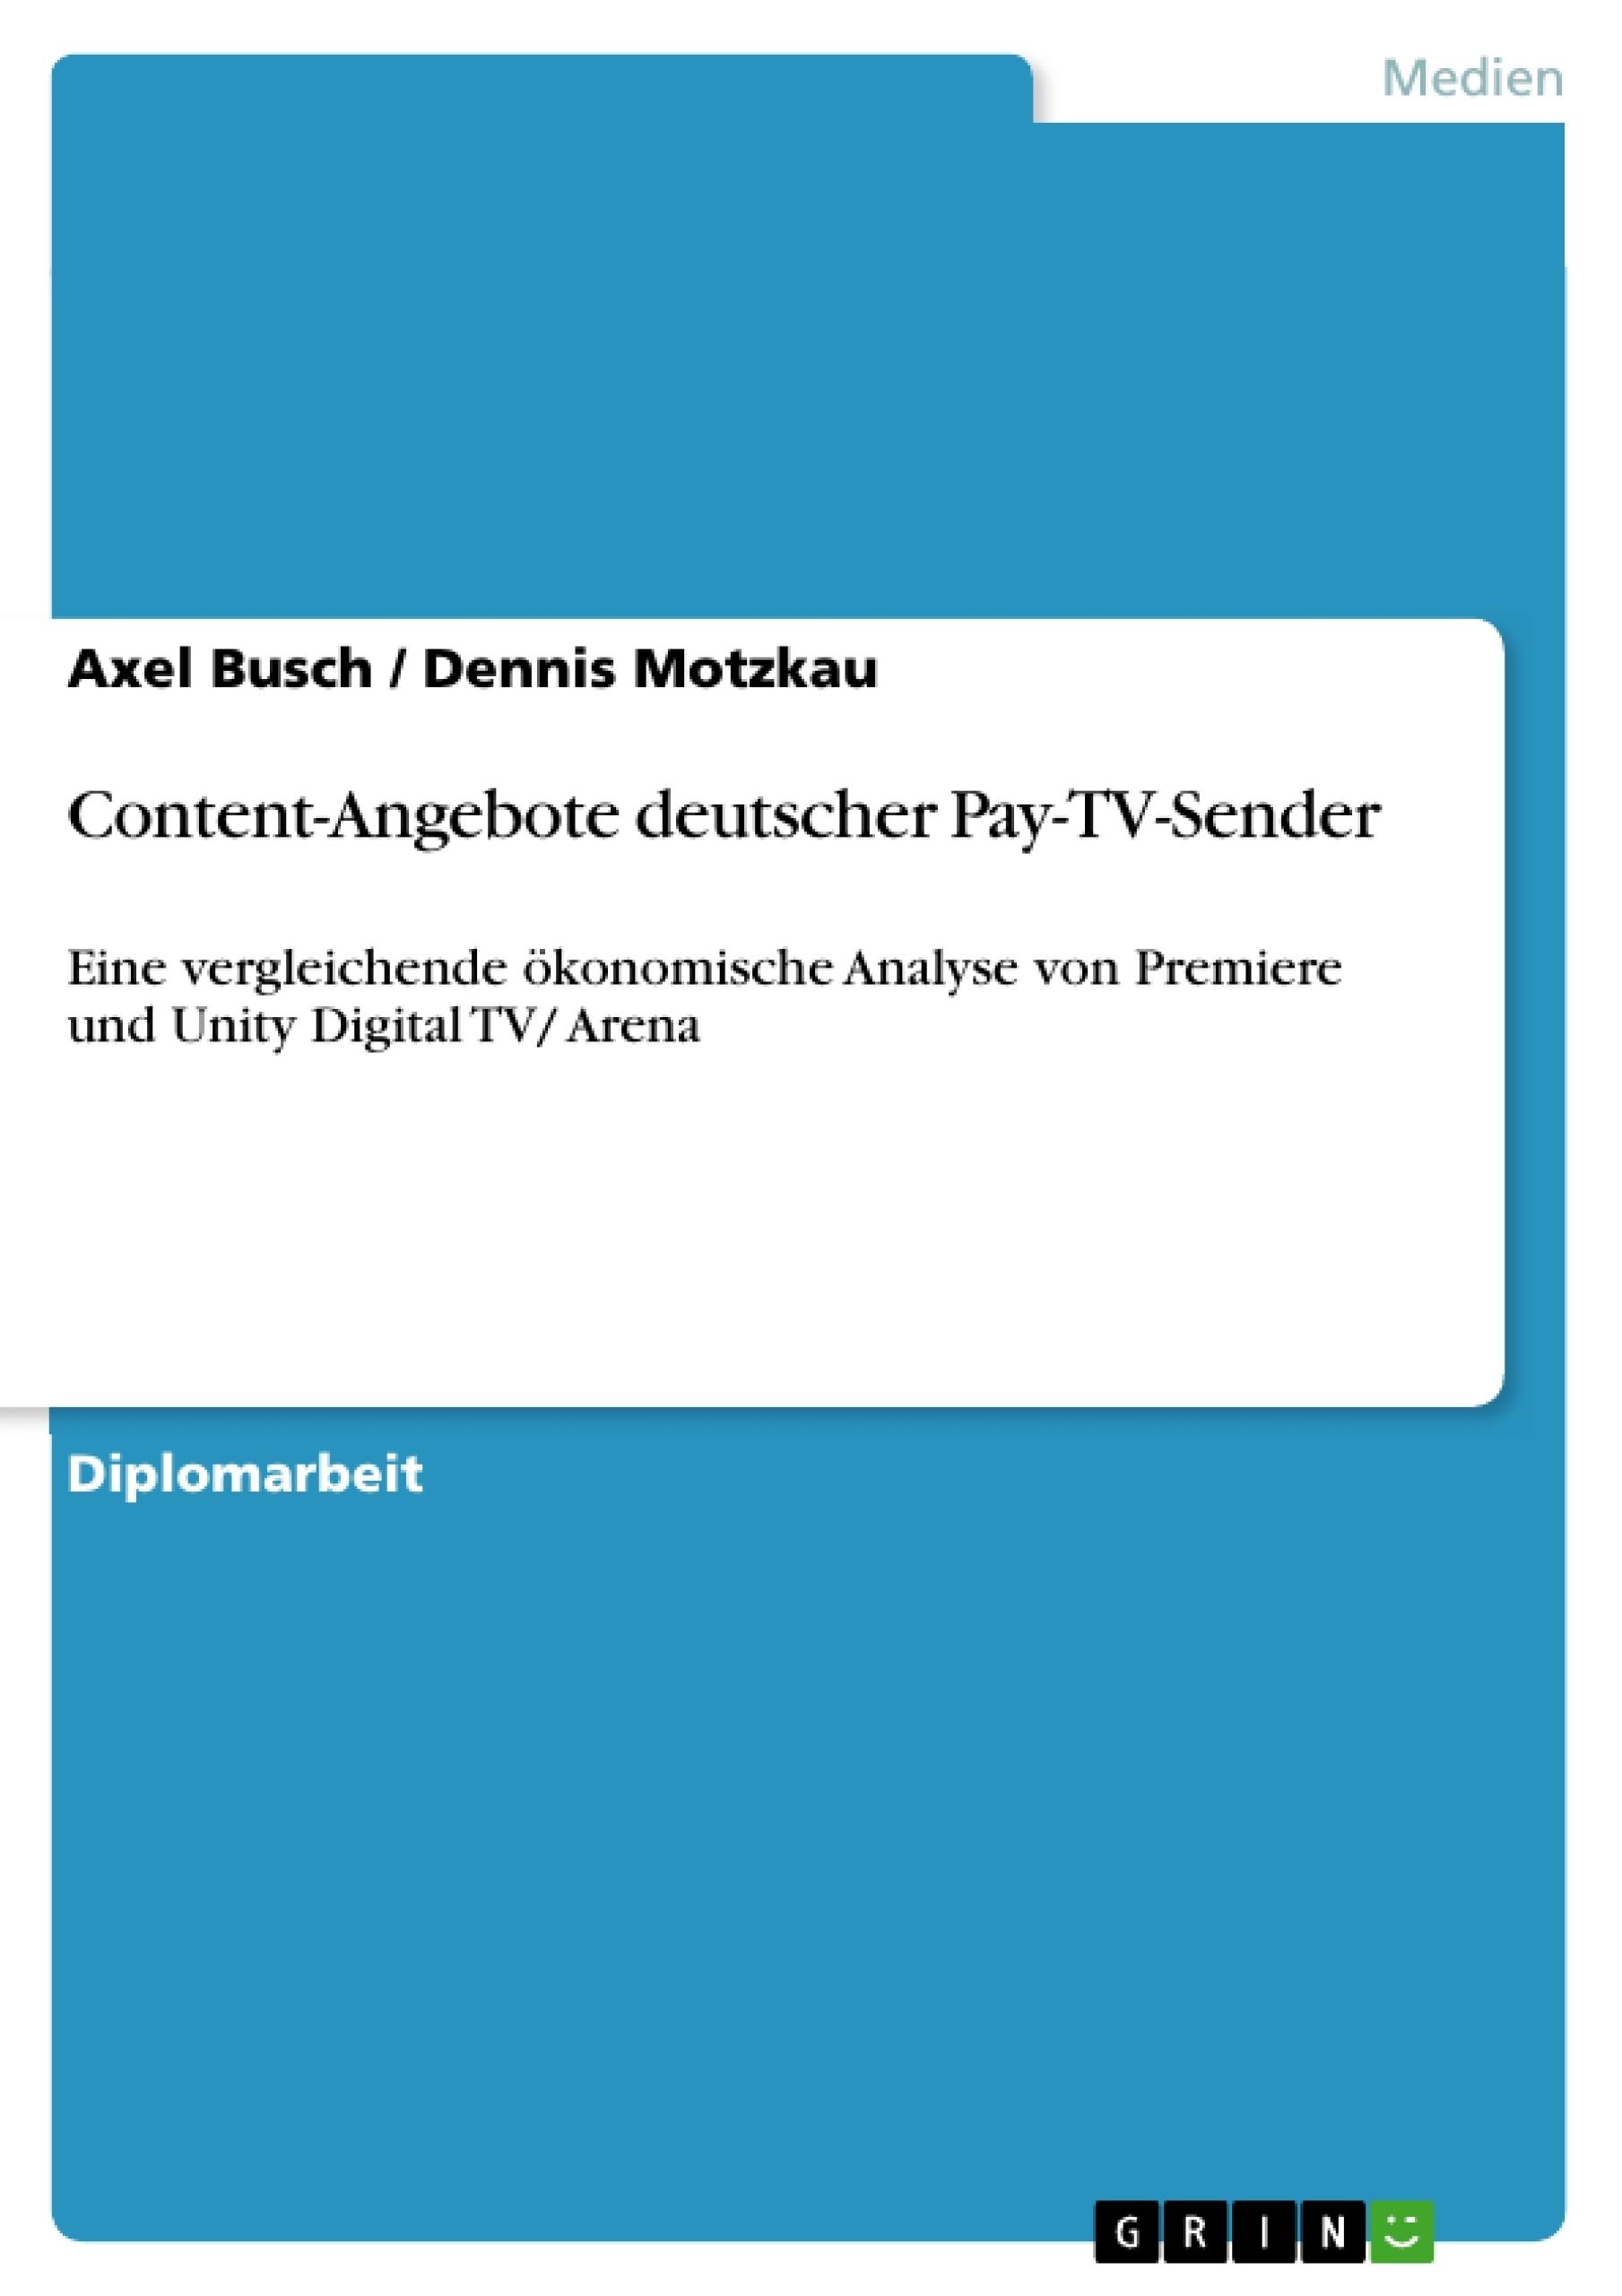 Titel: Content-Angebote deutscher Pay-TV-Sender